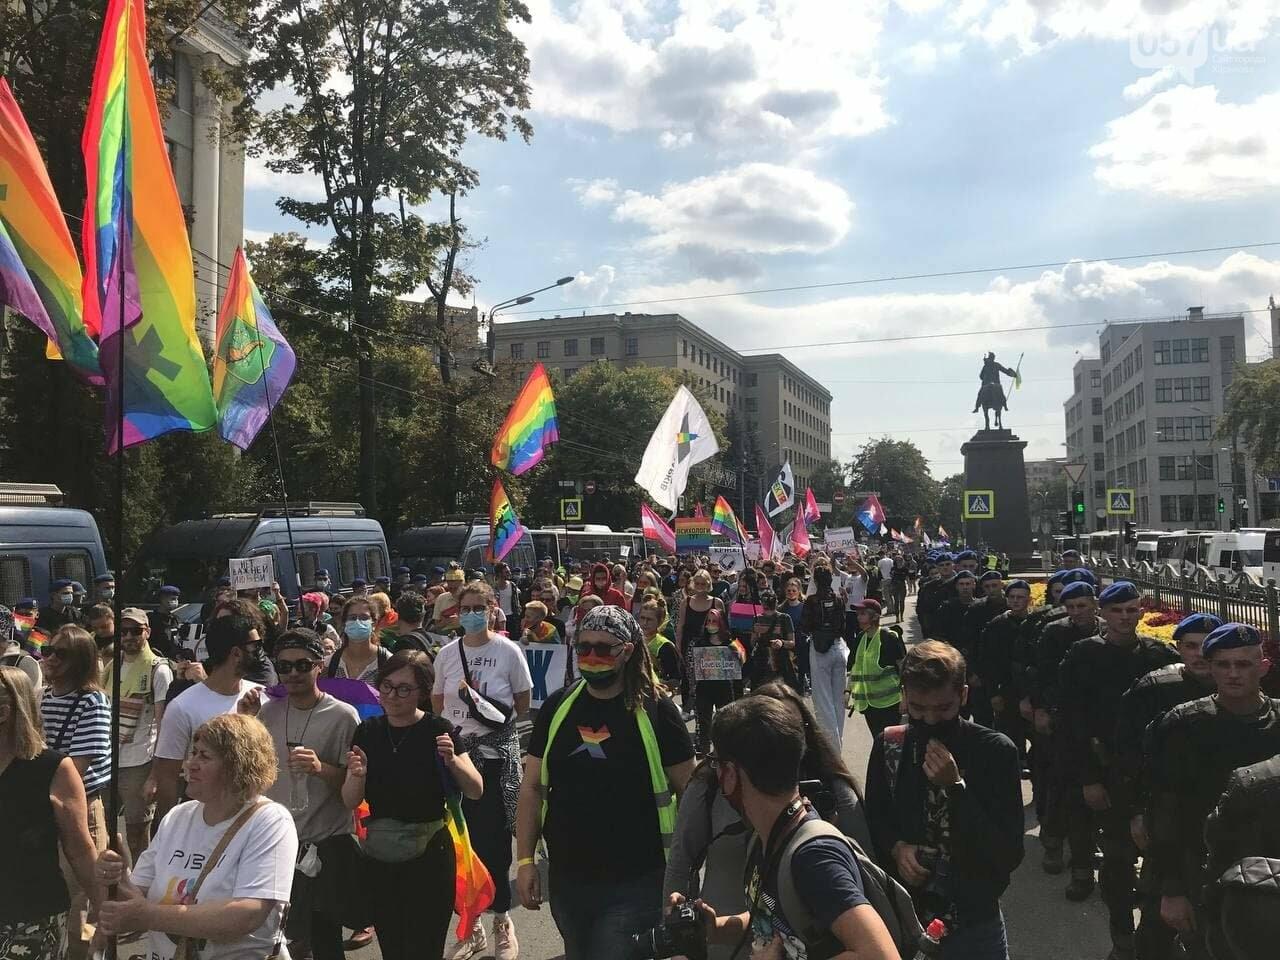 «Нет важней любви». Как в центре Харькова прошел ЛГБТ-марш, - ФОТОРЕПОРТАЖ, фото-6